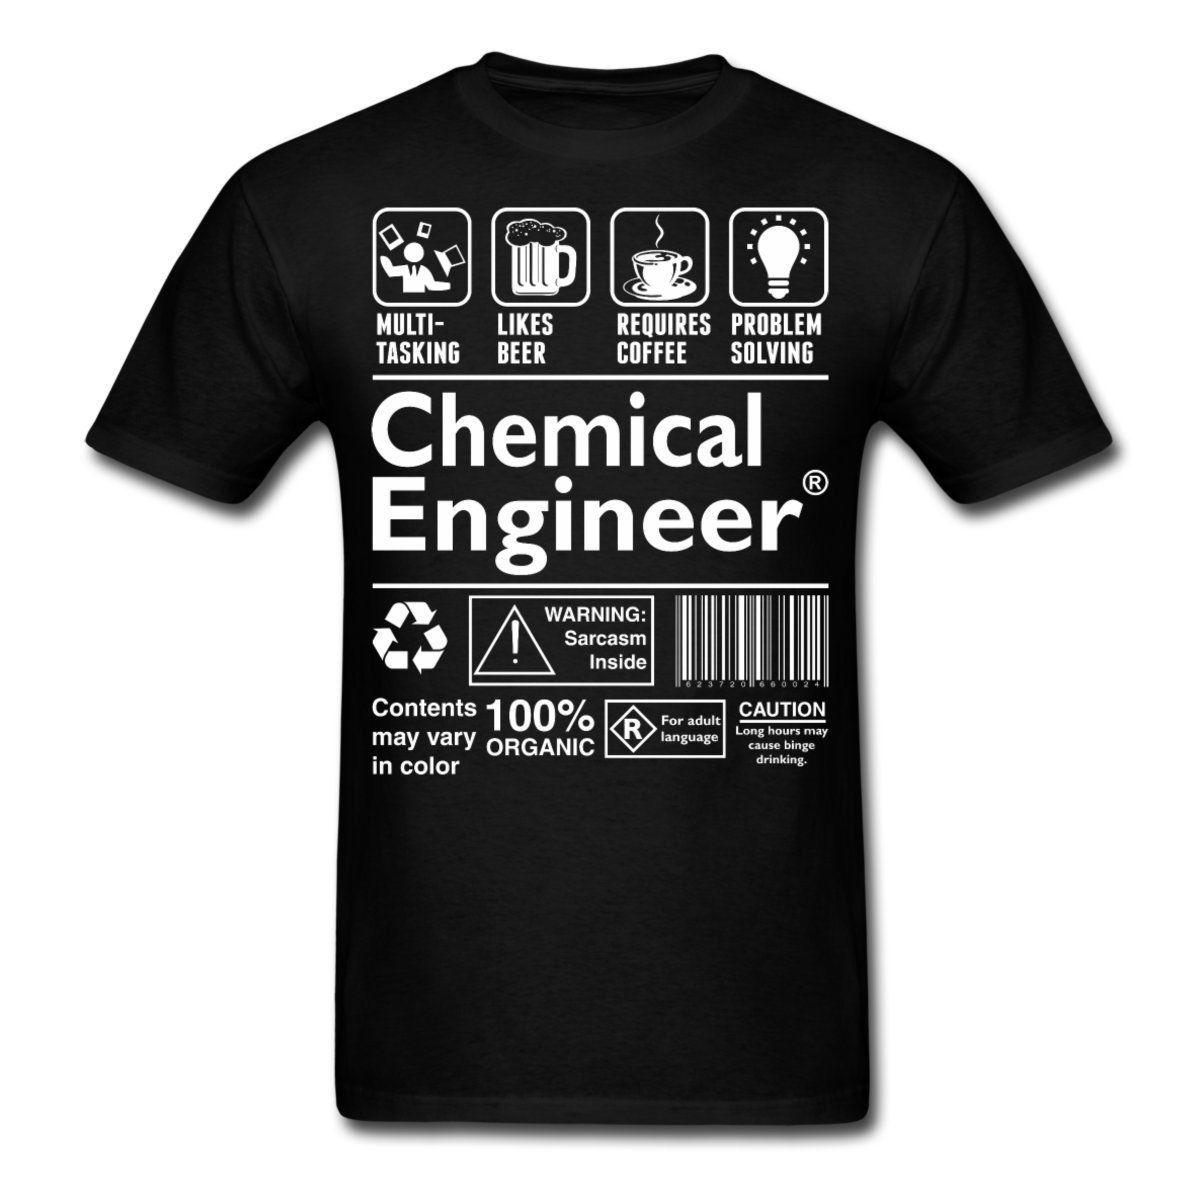 화학 엔지니어 재미있는 정의 남자 티셔츠 여름 티셔츠 브랜드 휘트니스 바디 빌딩 오 - 넥 햇빛 남자 티셔츠